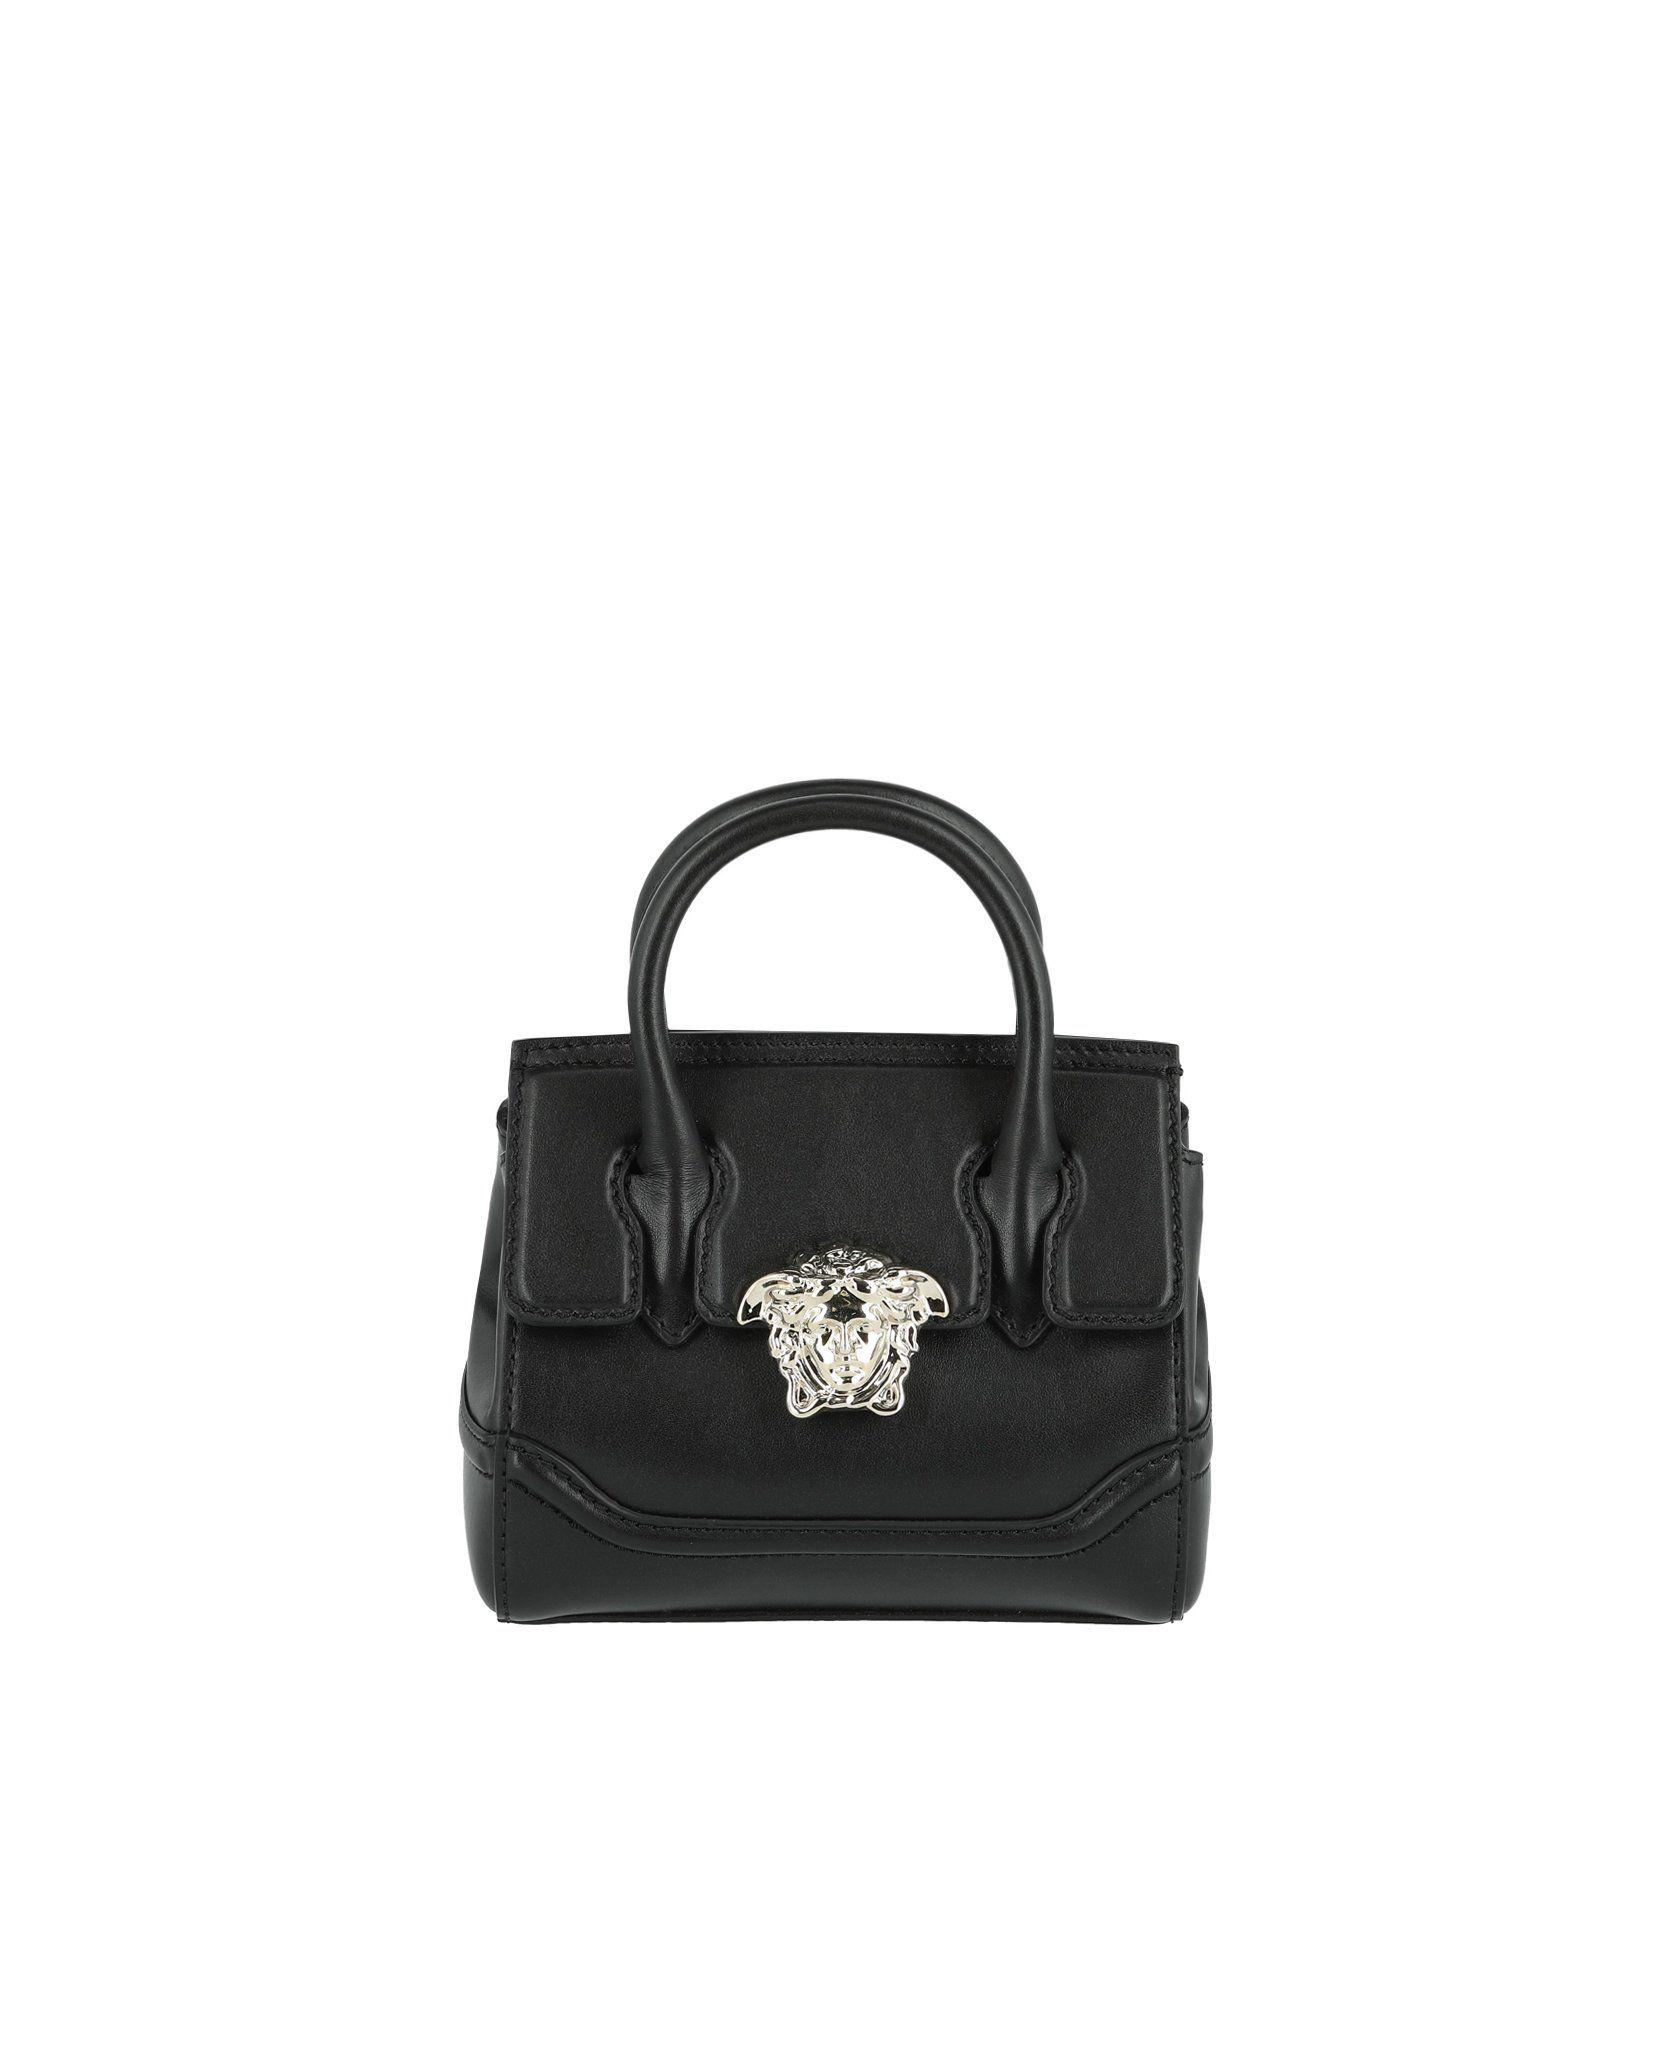 Versace Mini Palazzo Empire Shoulder Bag in 2018  1f0d67d642f96